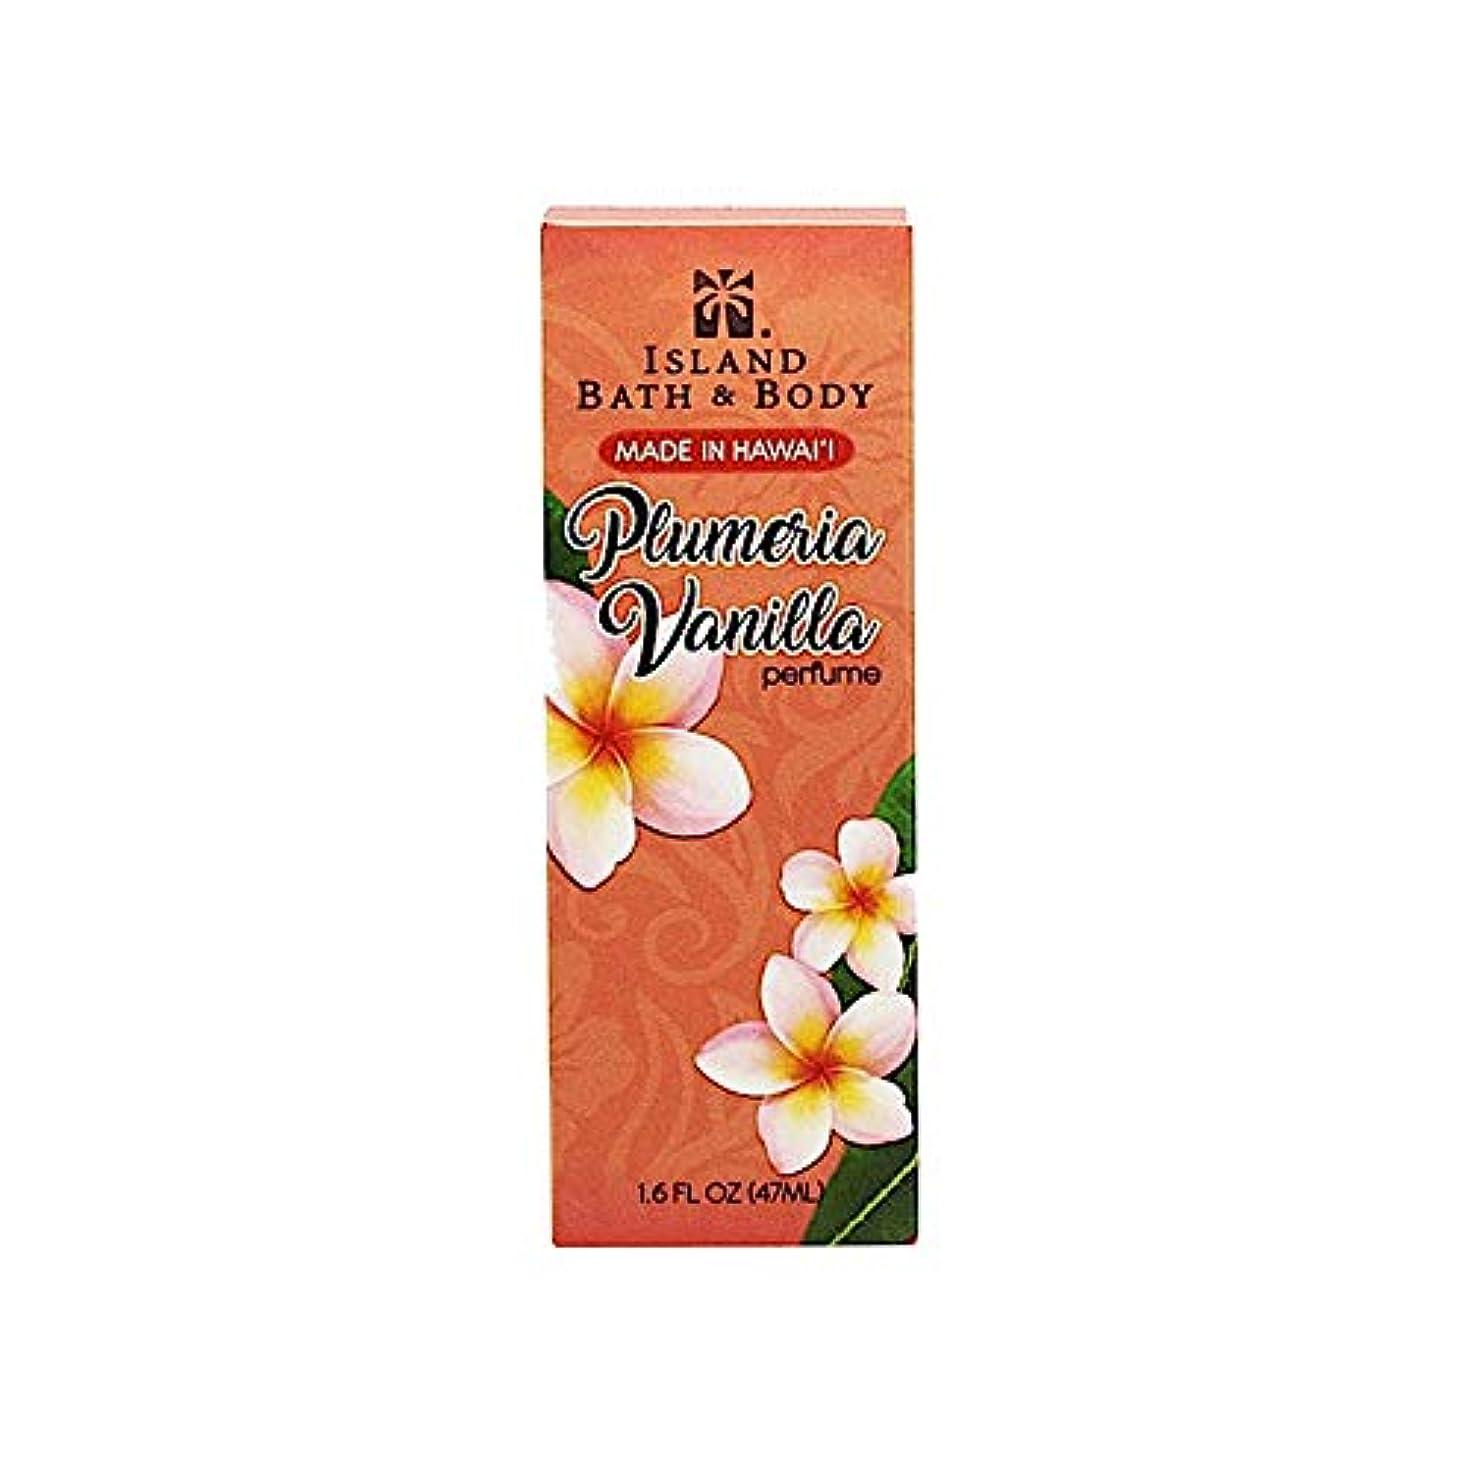 深く一元化するフリッパープルメリア?バニラ 香水 Made in Hawaii